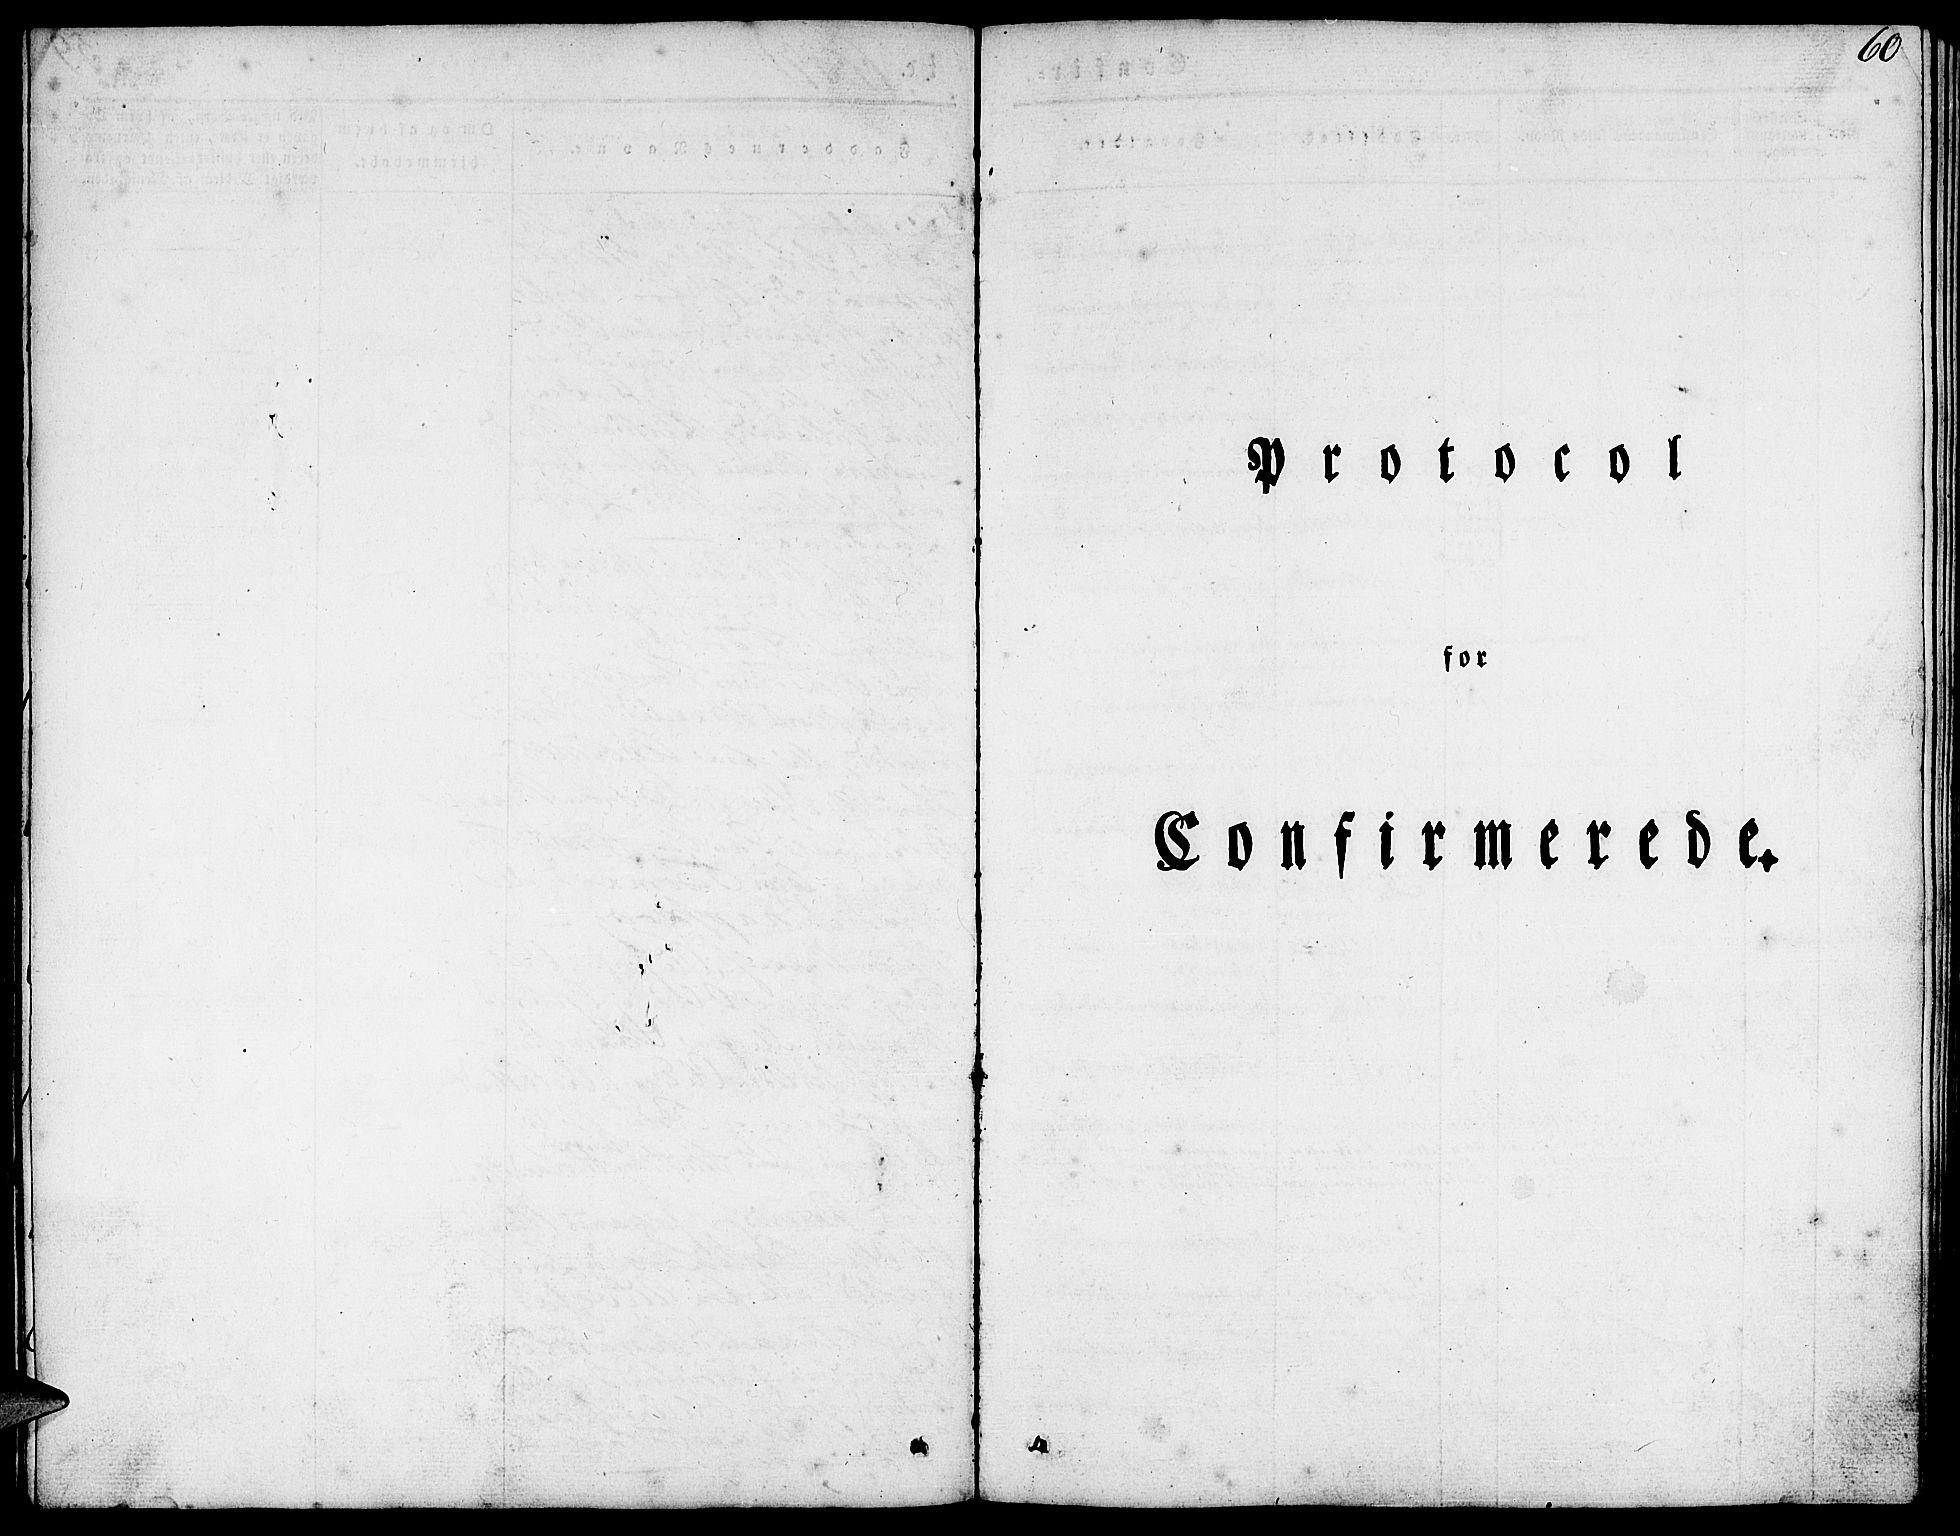 SAB, Fjell sokneprestembete, H/Haa: Ministerialbok nr. A 1, 1835-1850, s. 60